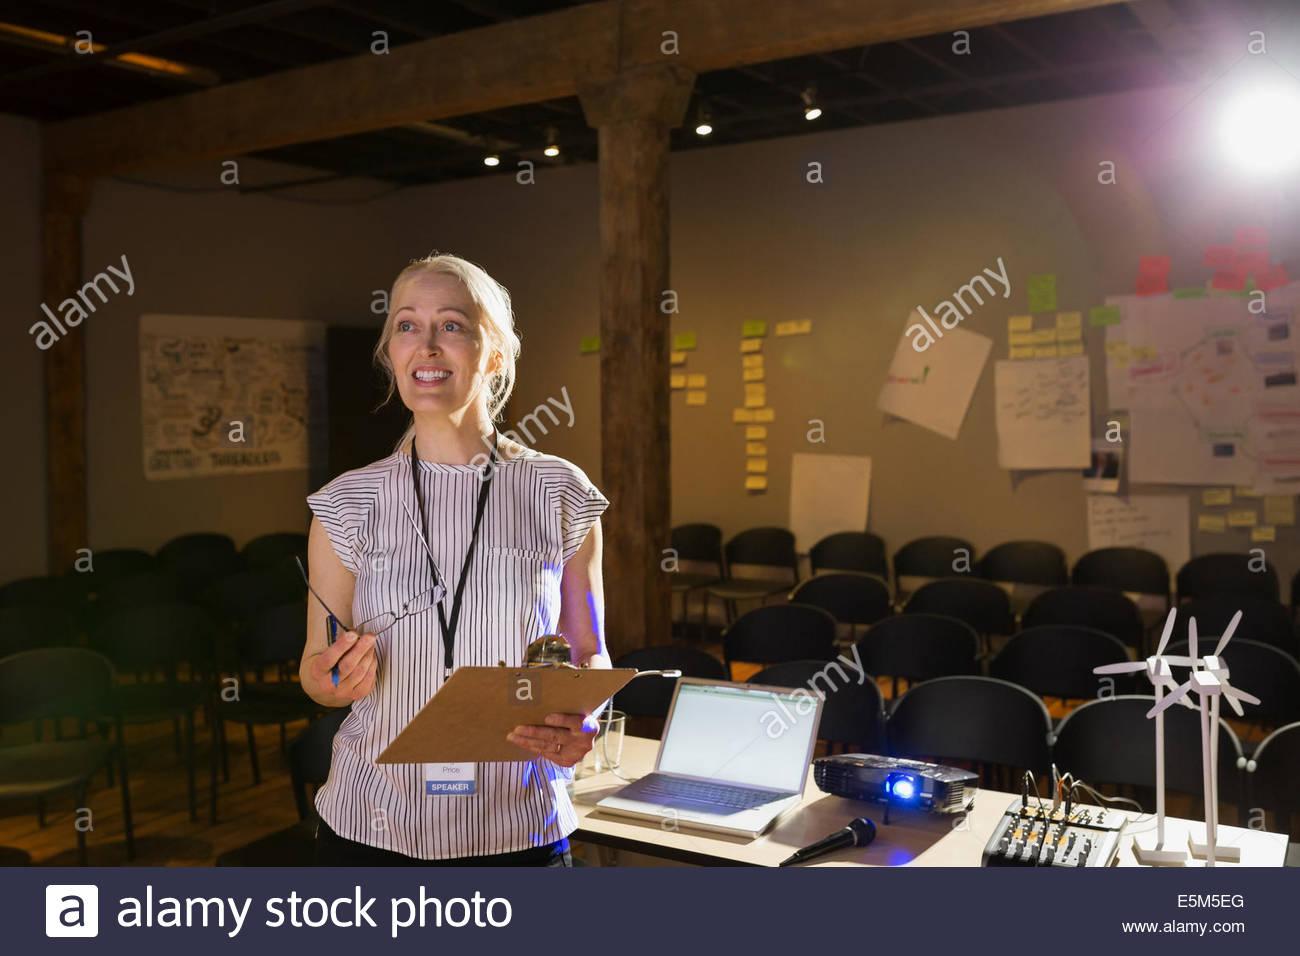 Lautsprecher mit Zwischenablage Präsentation vorbereiten Stockbild